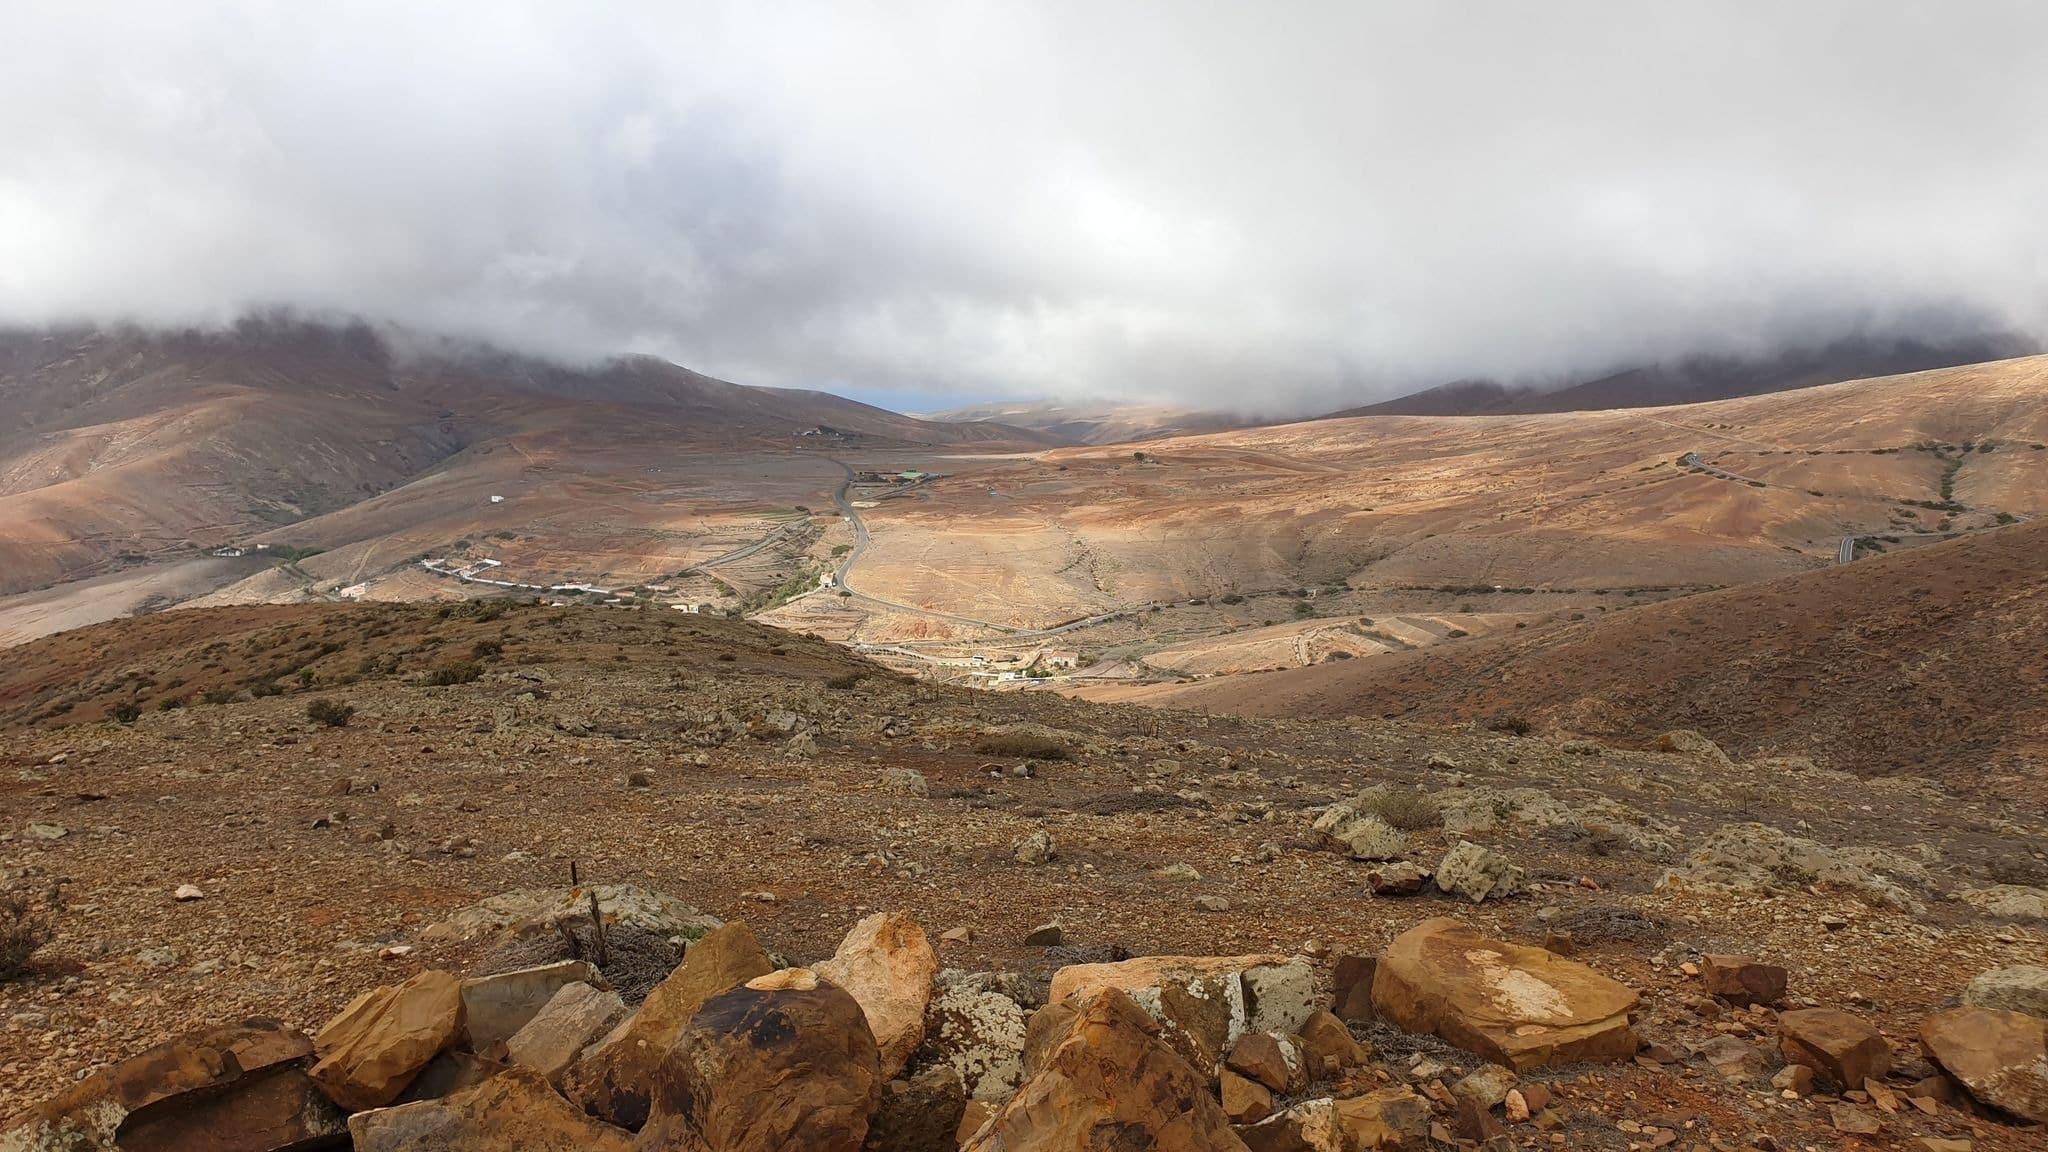 Degollada de Marrubio - Moro de Tegtuno - Morro Velosa